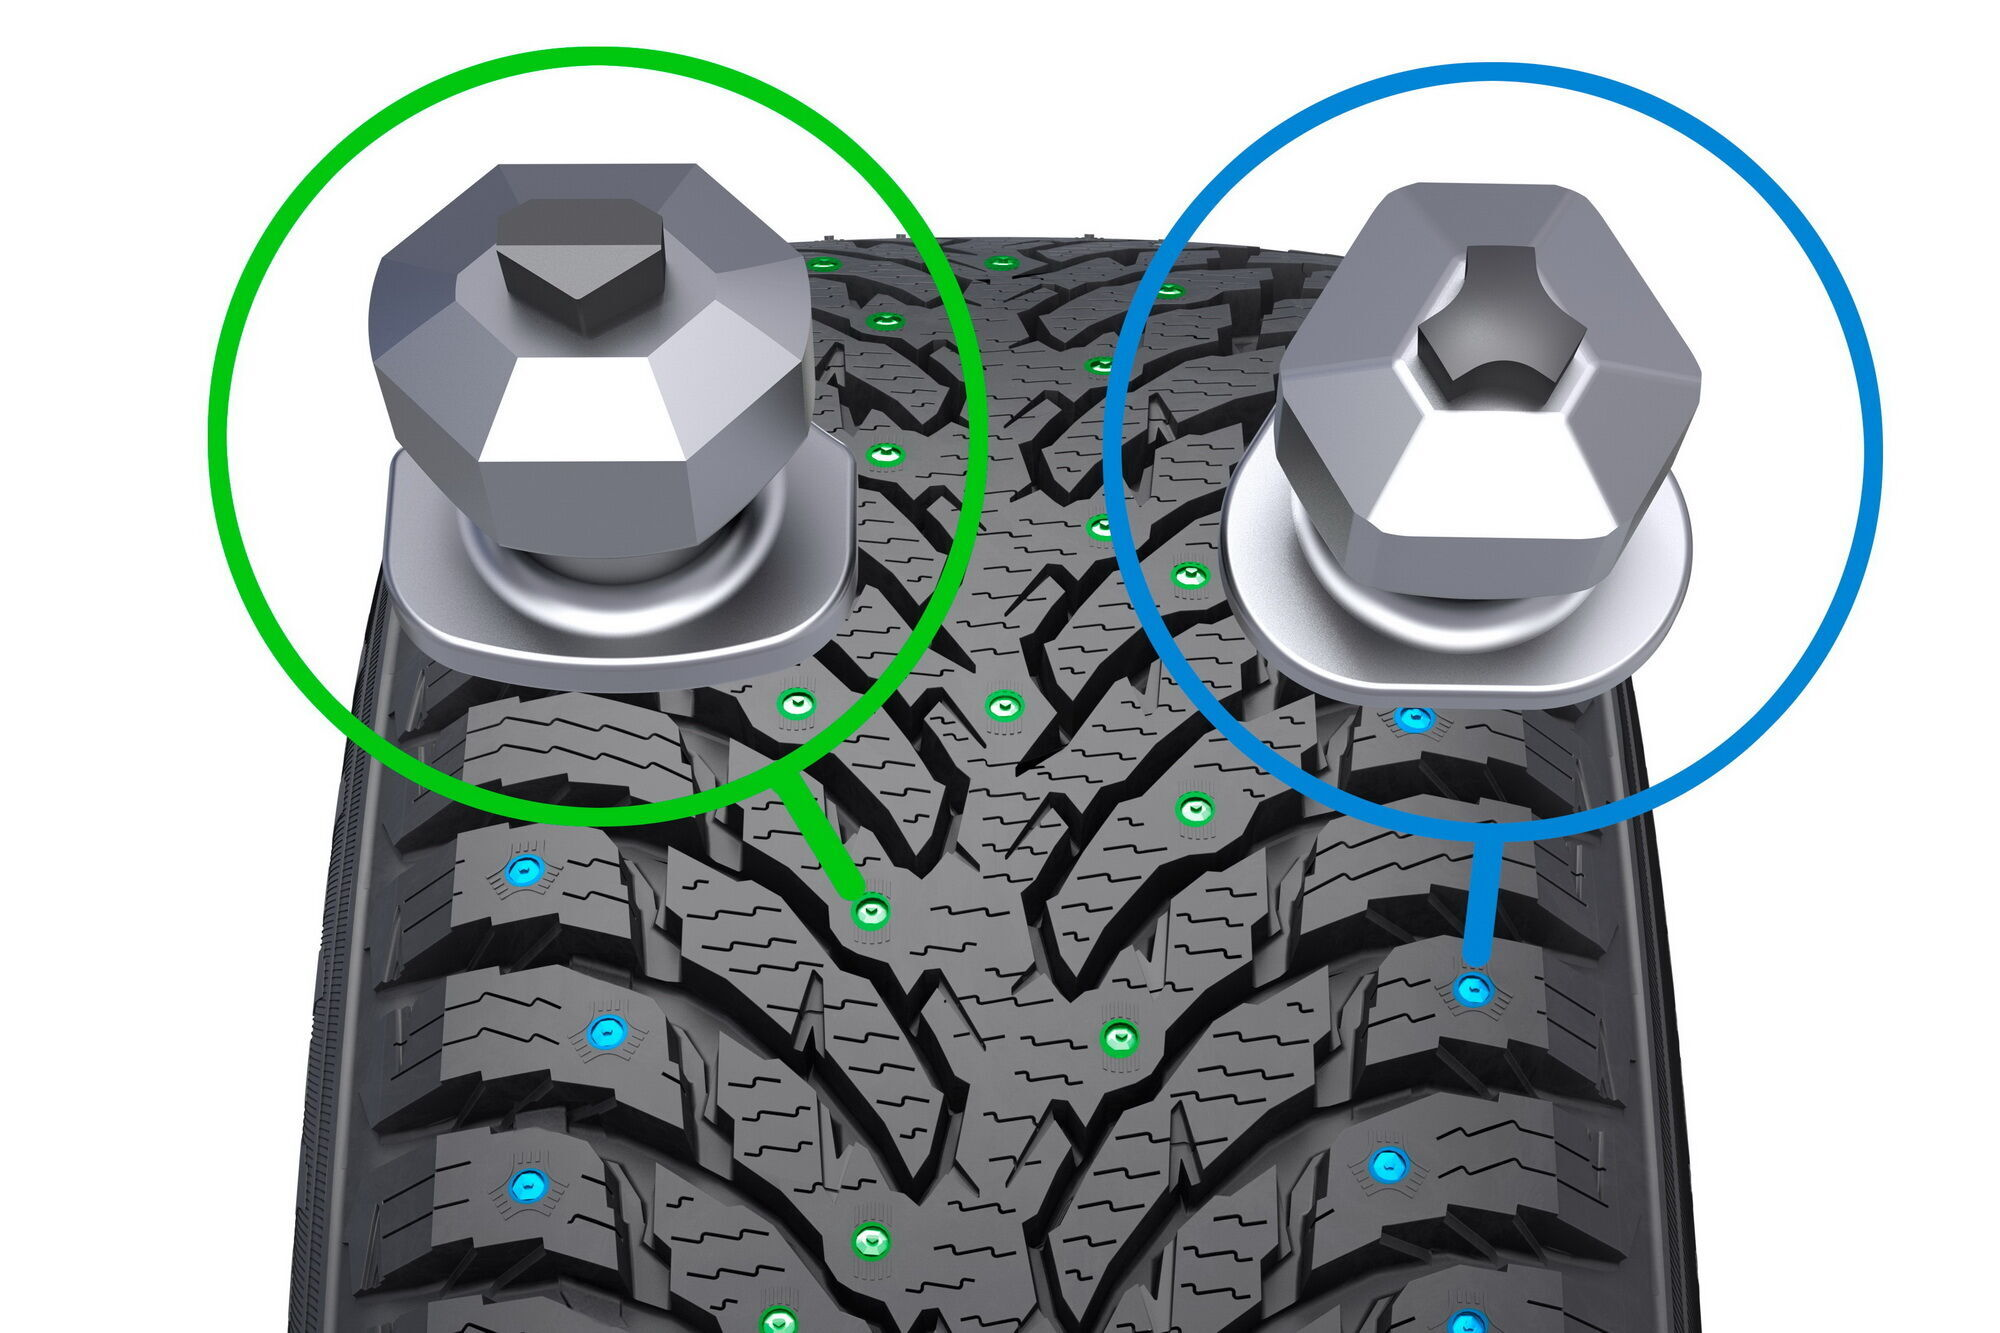 Обратите внимание на разную форму шипов, которые отвечают за различные свойства шин Nokian Hakkapeliitta 9 SUV